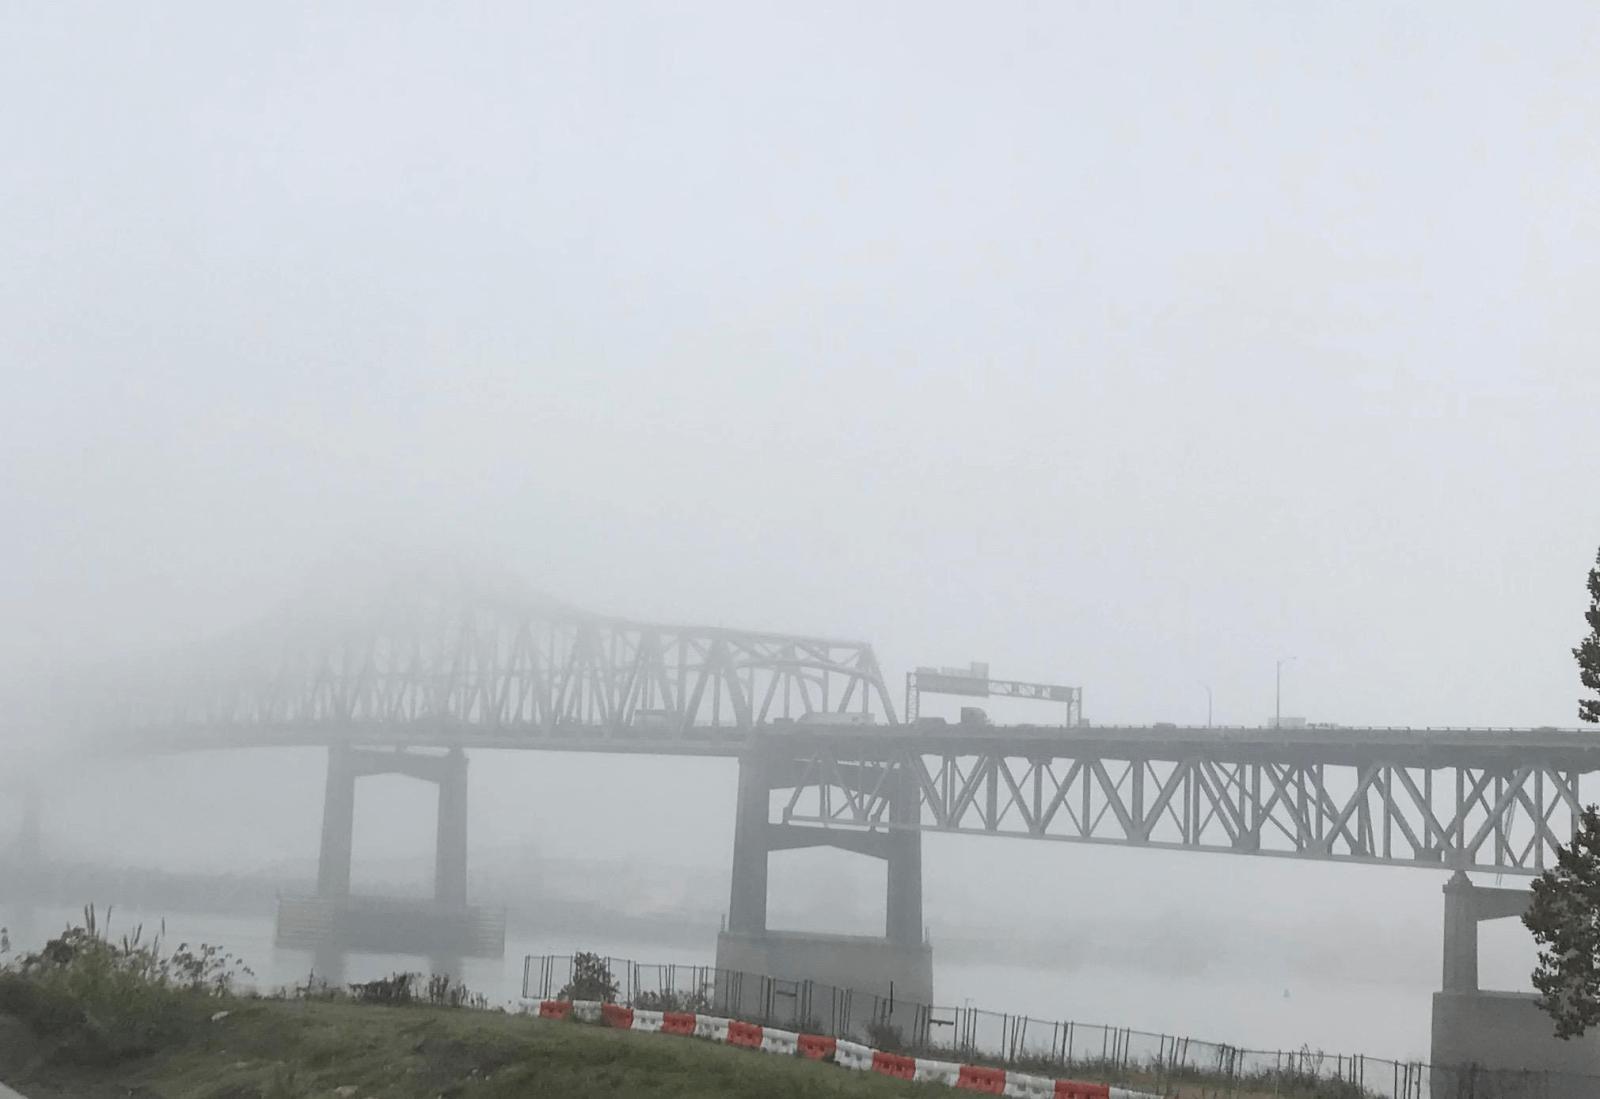 Horace Watkins Bridge, Baton Rouge Louisiana